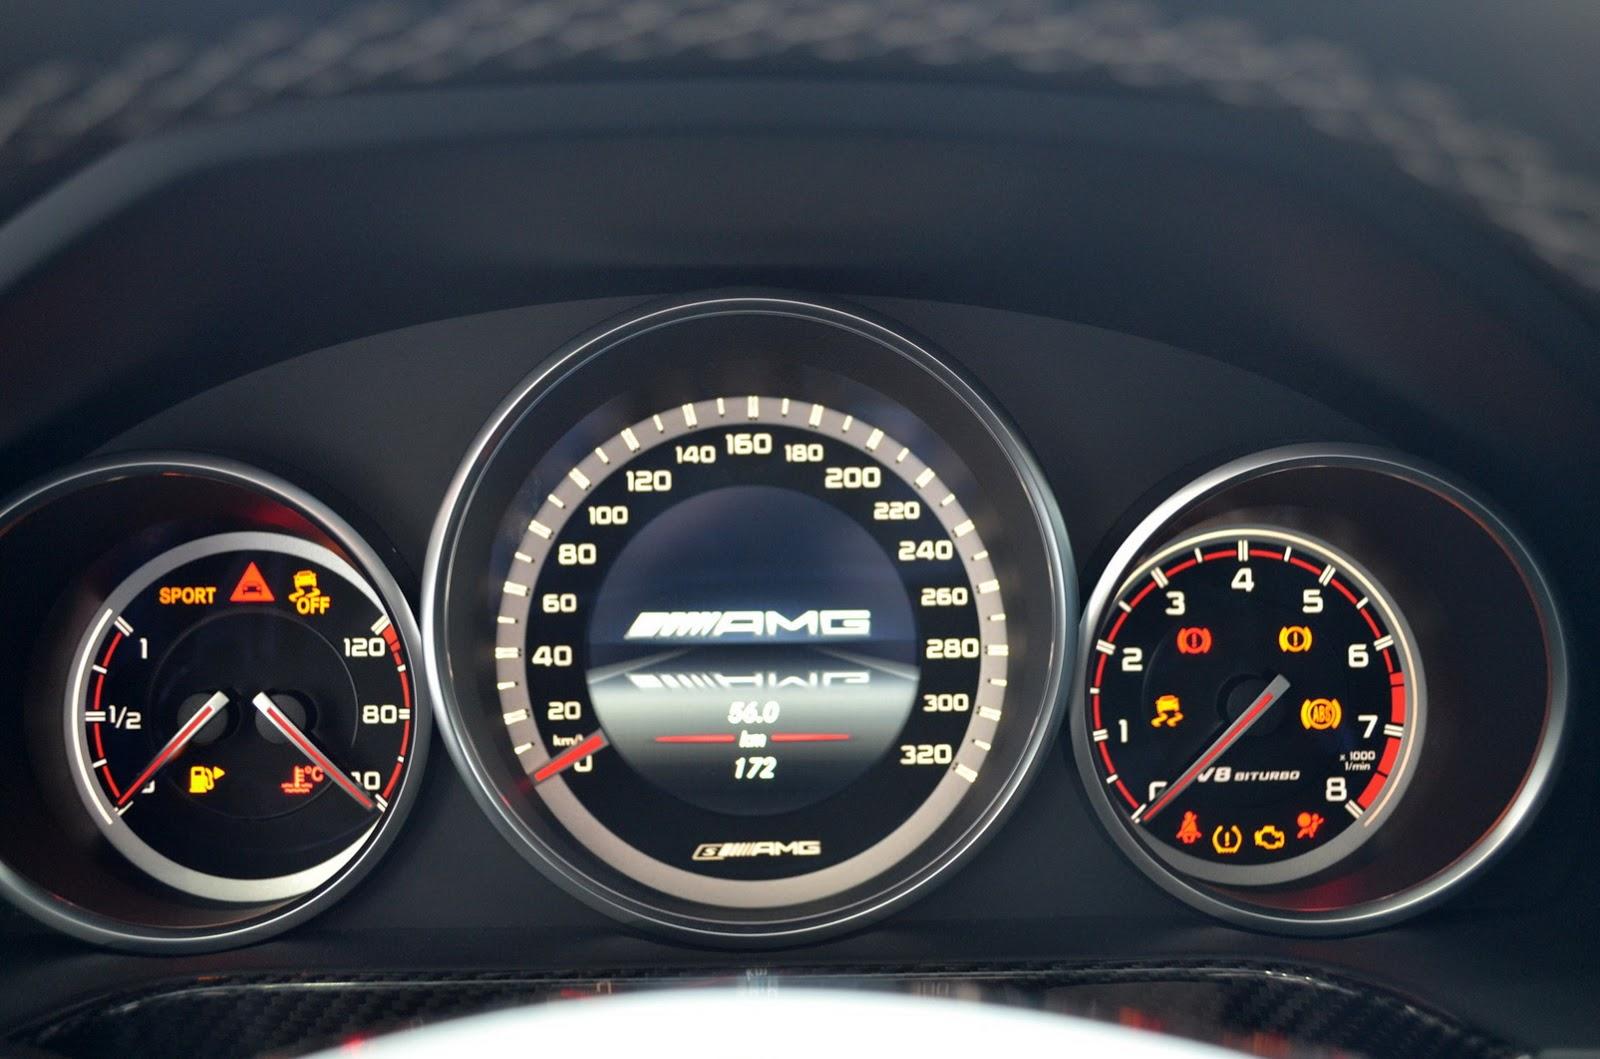 Brabus E63 850 Biturbo: La ofensiva contra el nuevo Mercedes-AMG E63 3